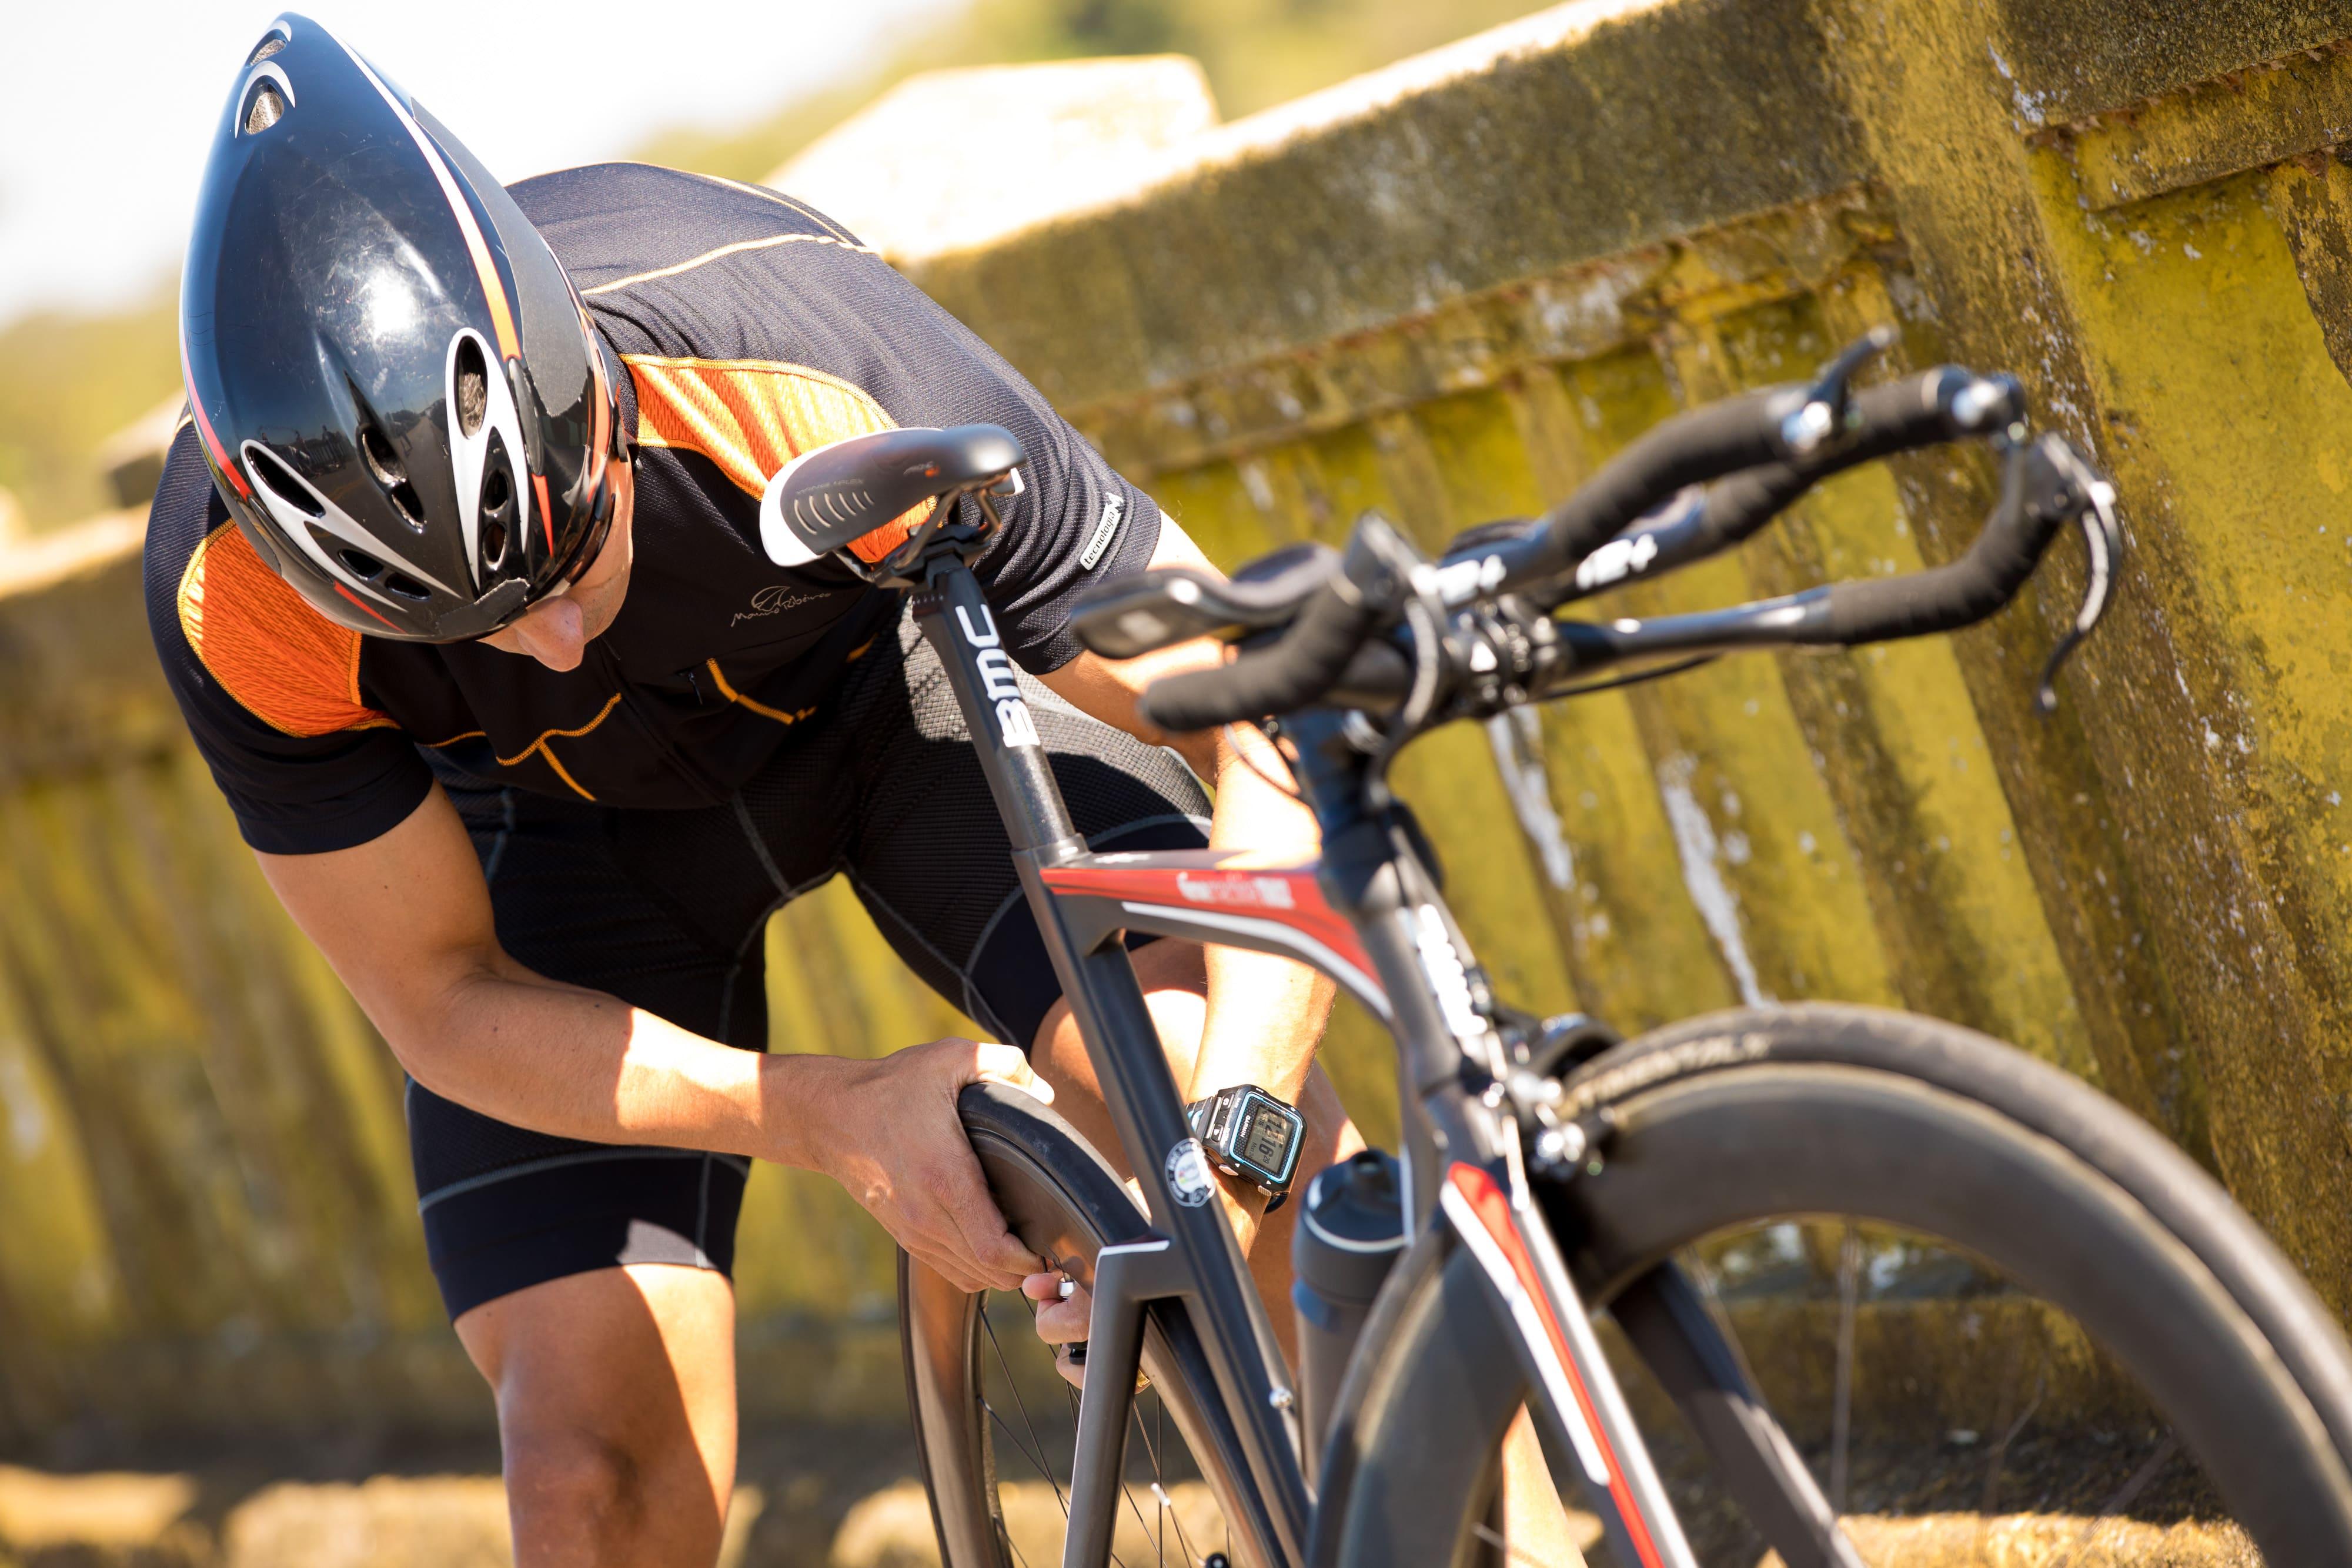 Ciclista enche o pneu da sua bicicleta no acostamento de uma estrada